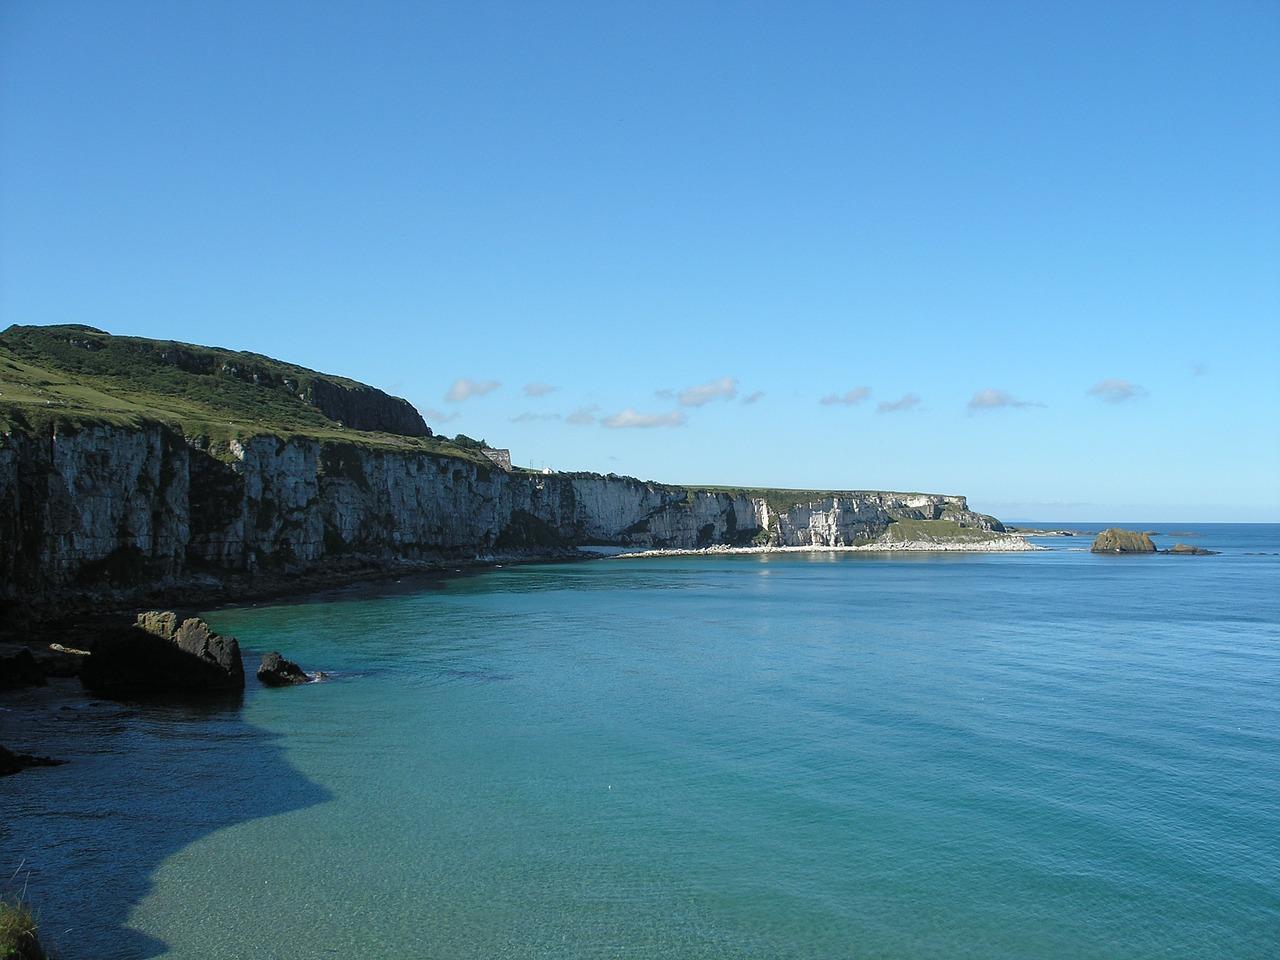 The cliffs of Moher under a blue summer sky